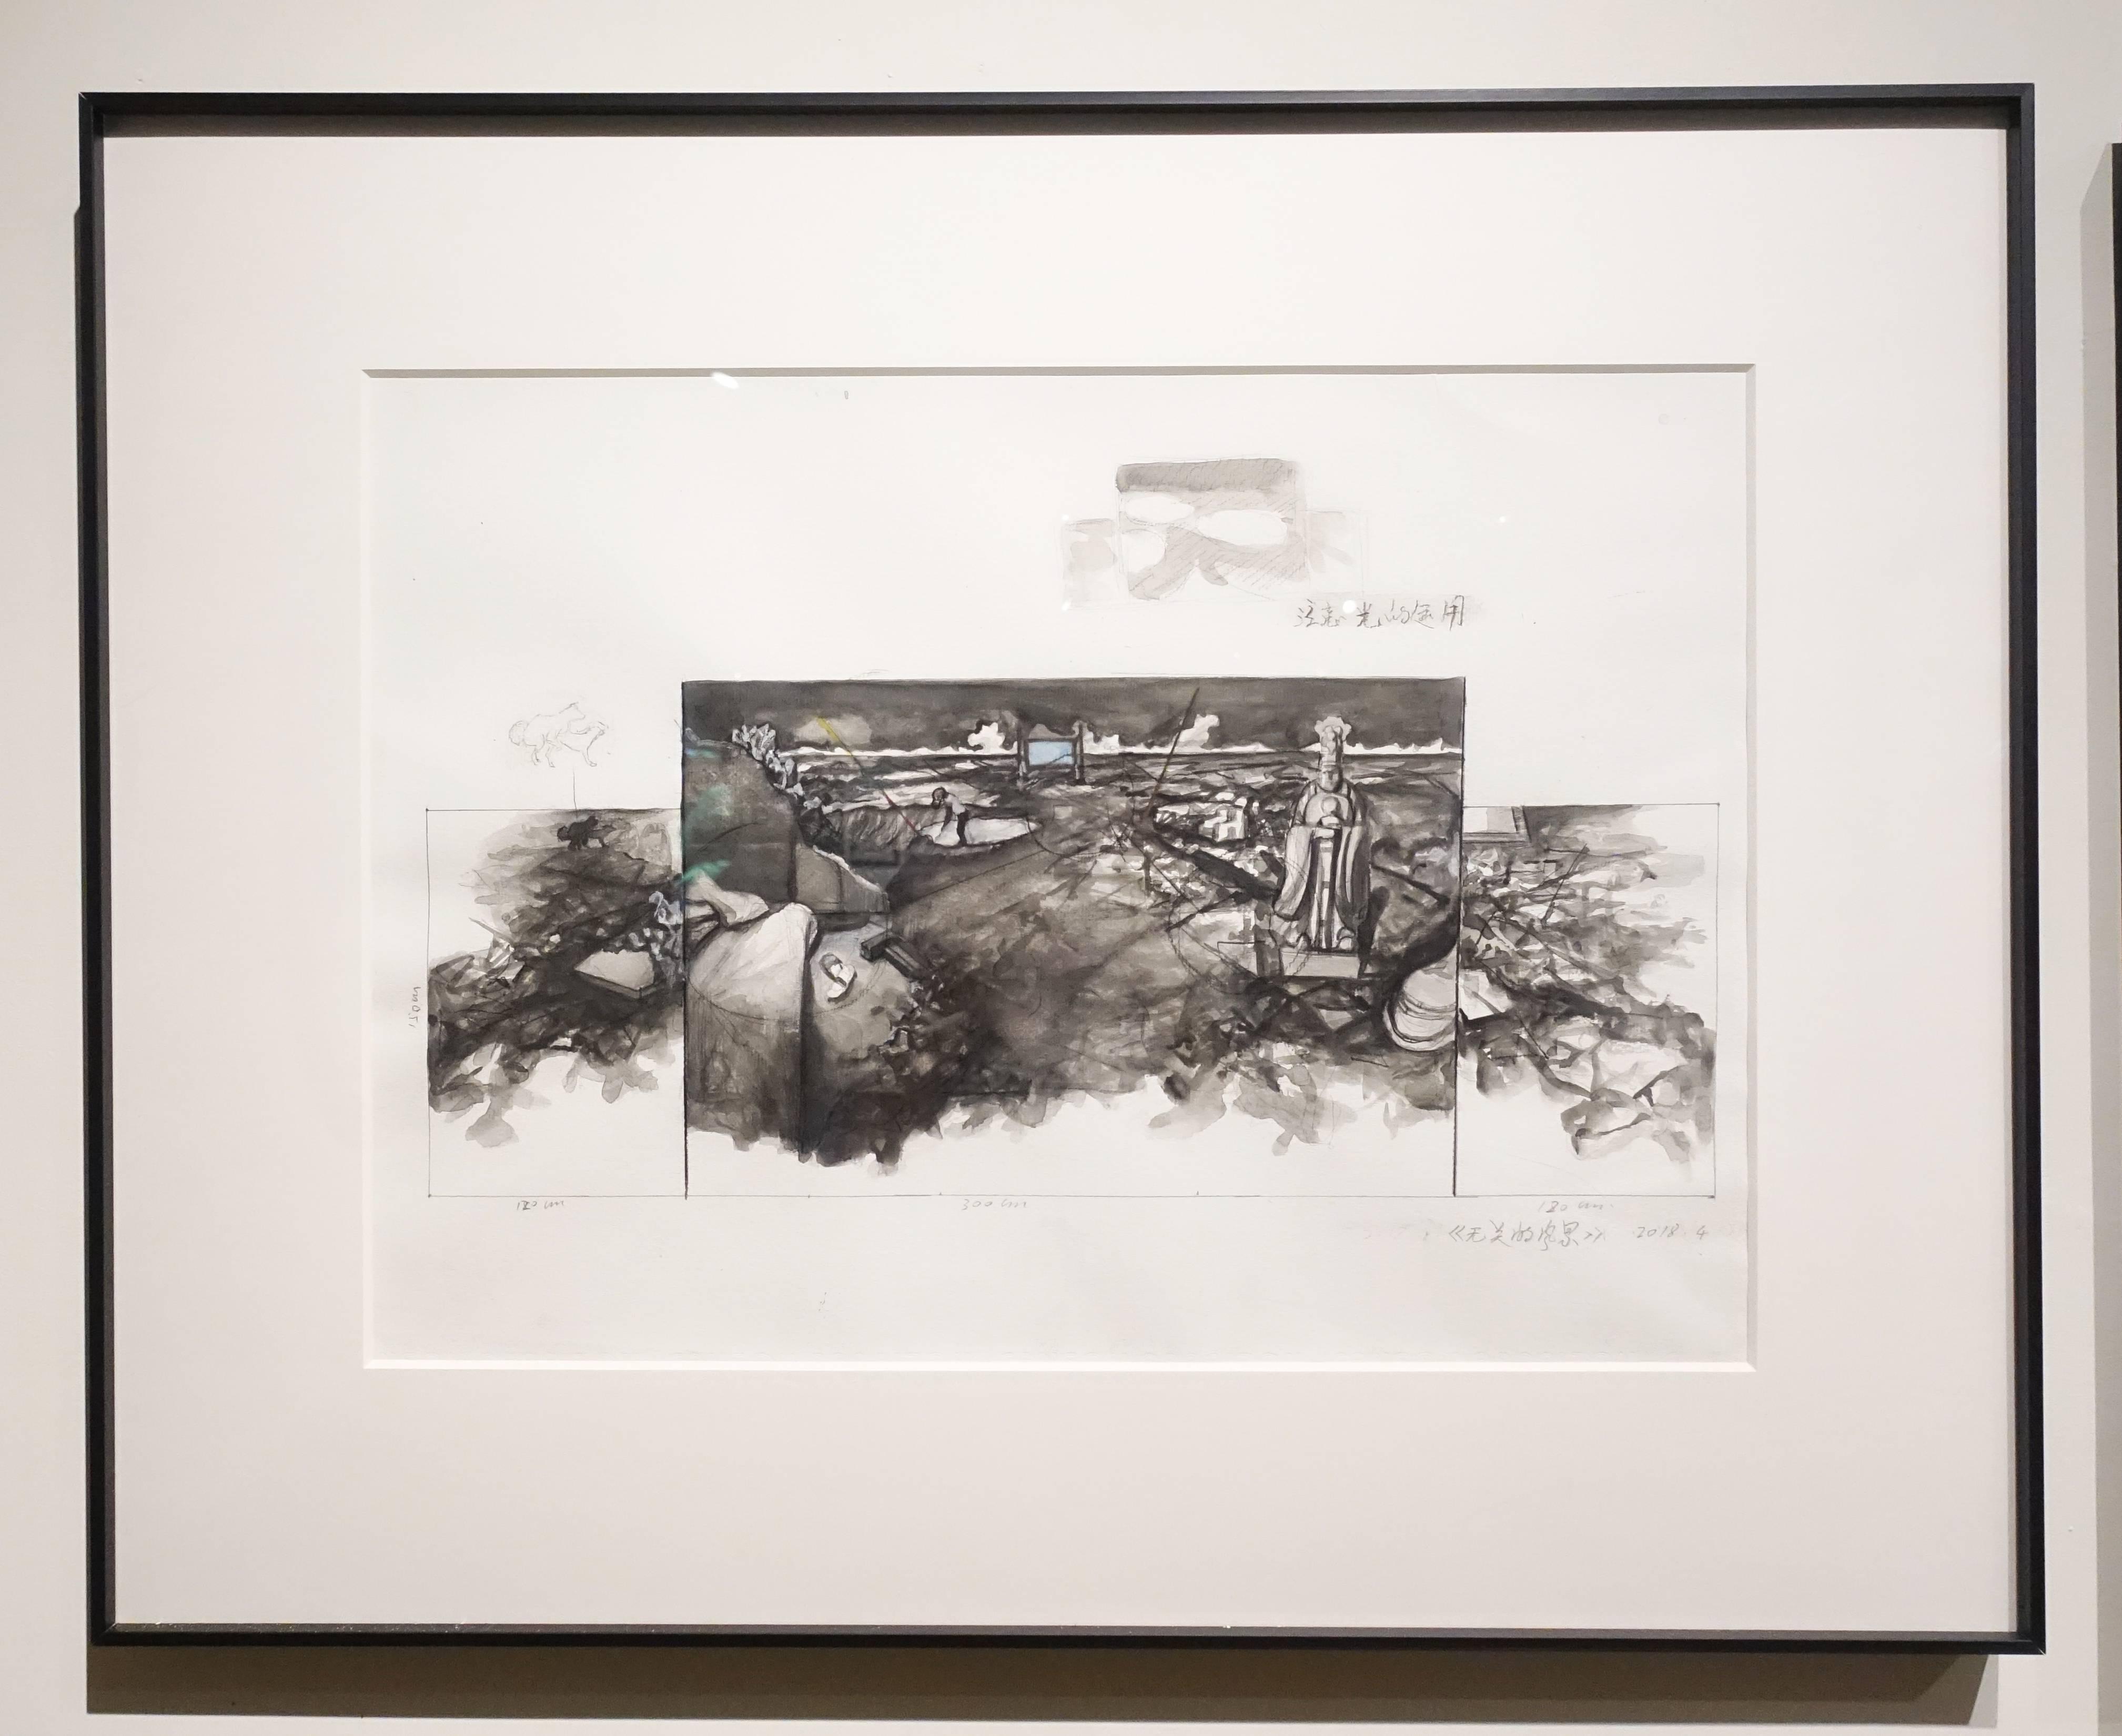 劉芯濤,《無邊的風景》手稿,39 x 54 cm,紙本作品,2018。